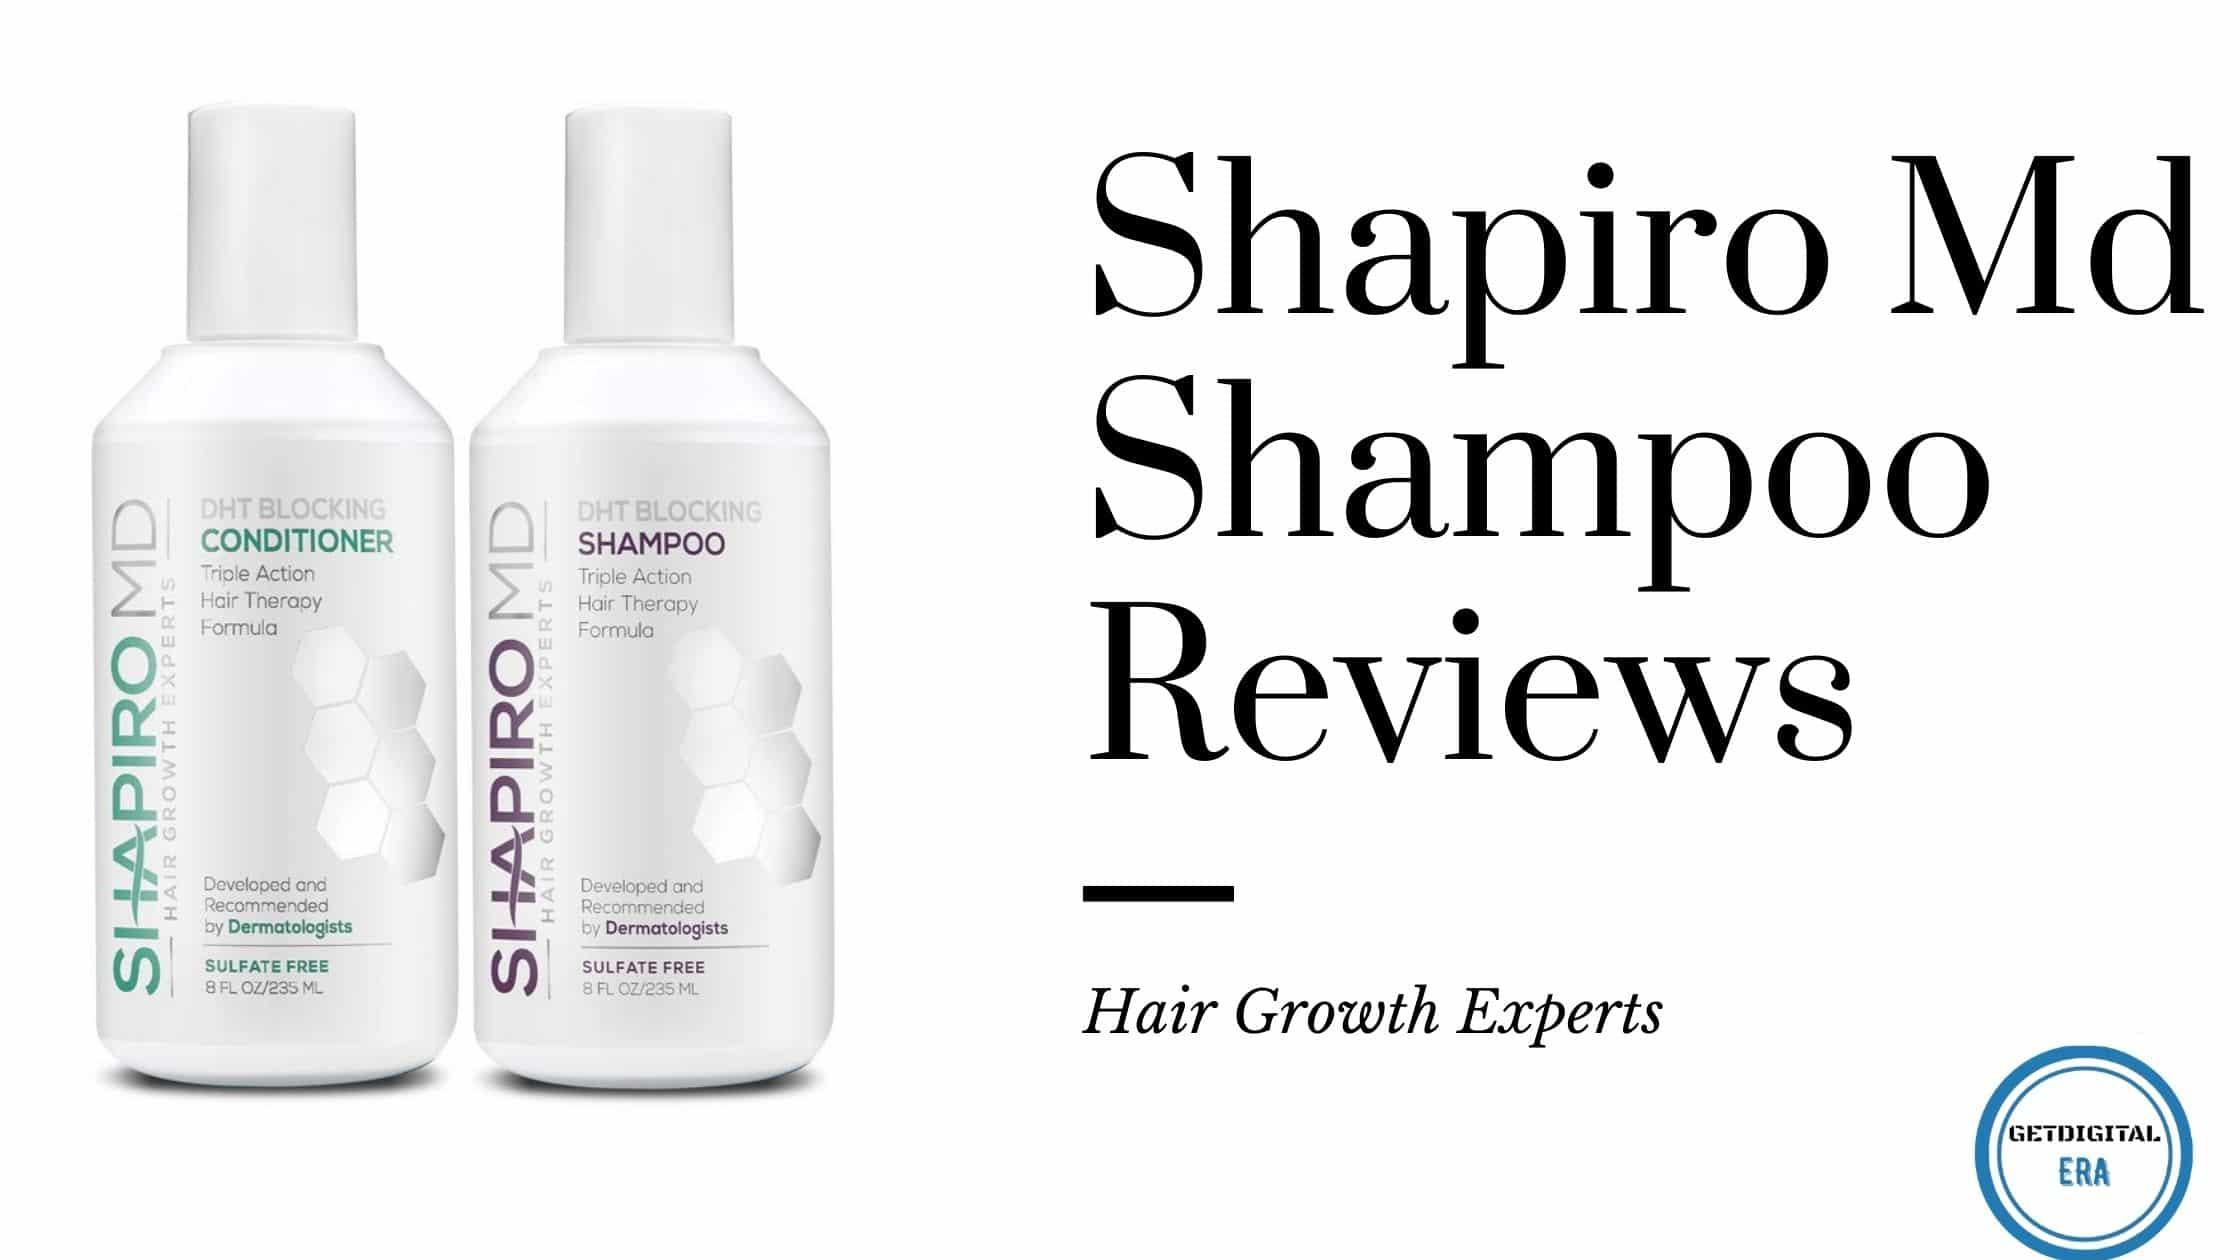 Shapiro Md Shampoo Reviews